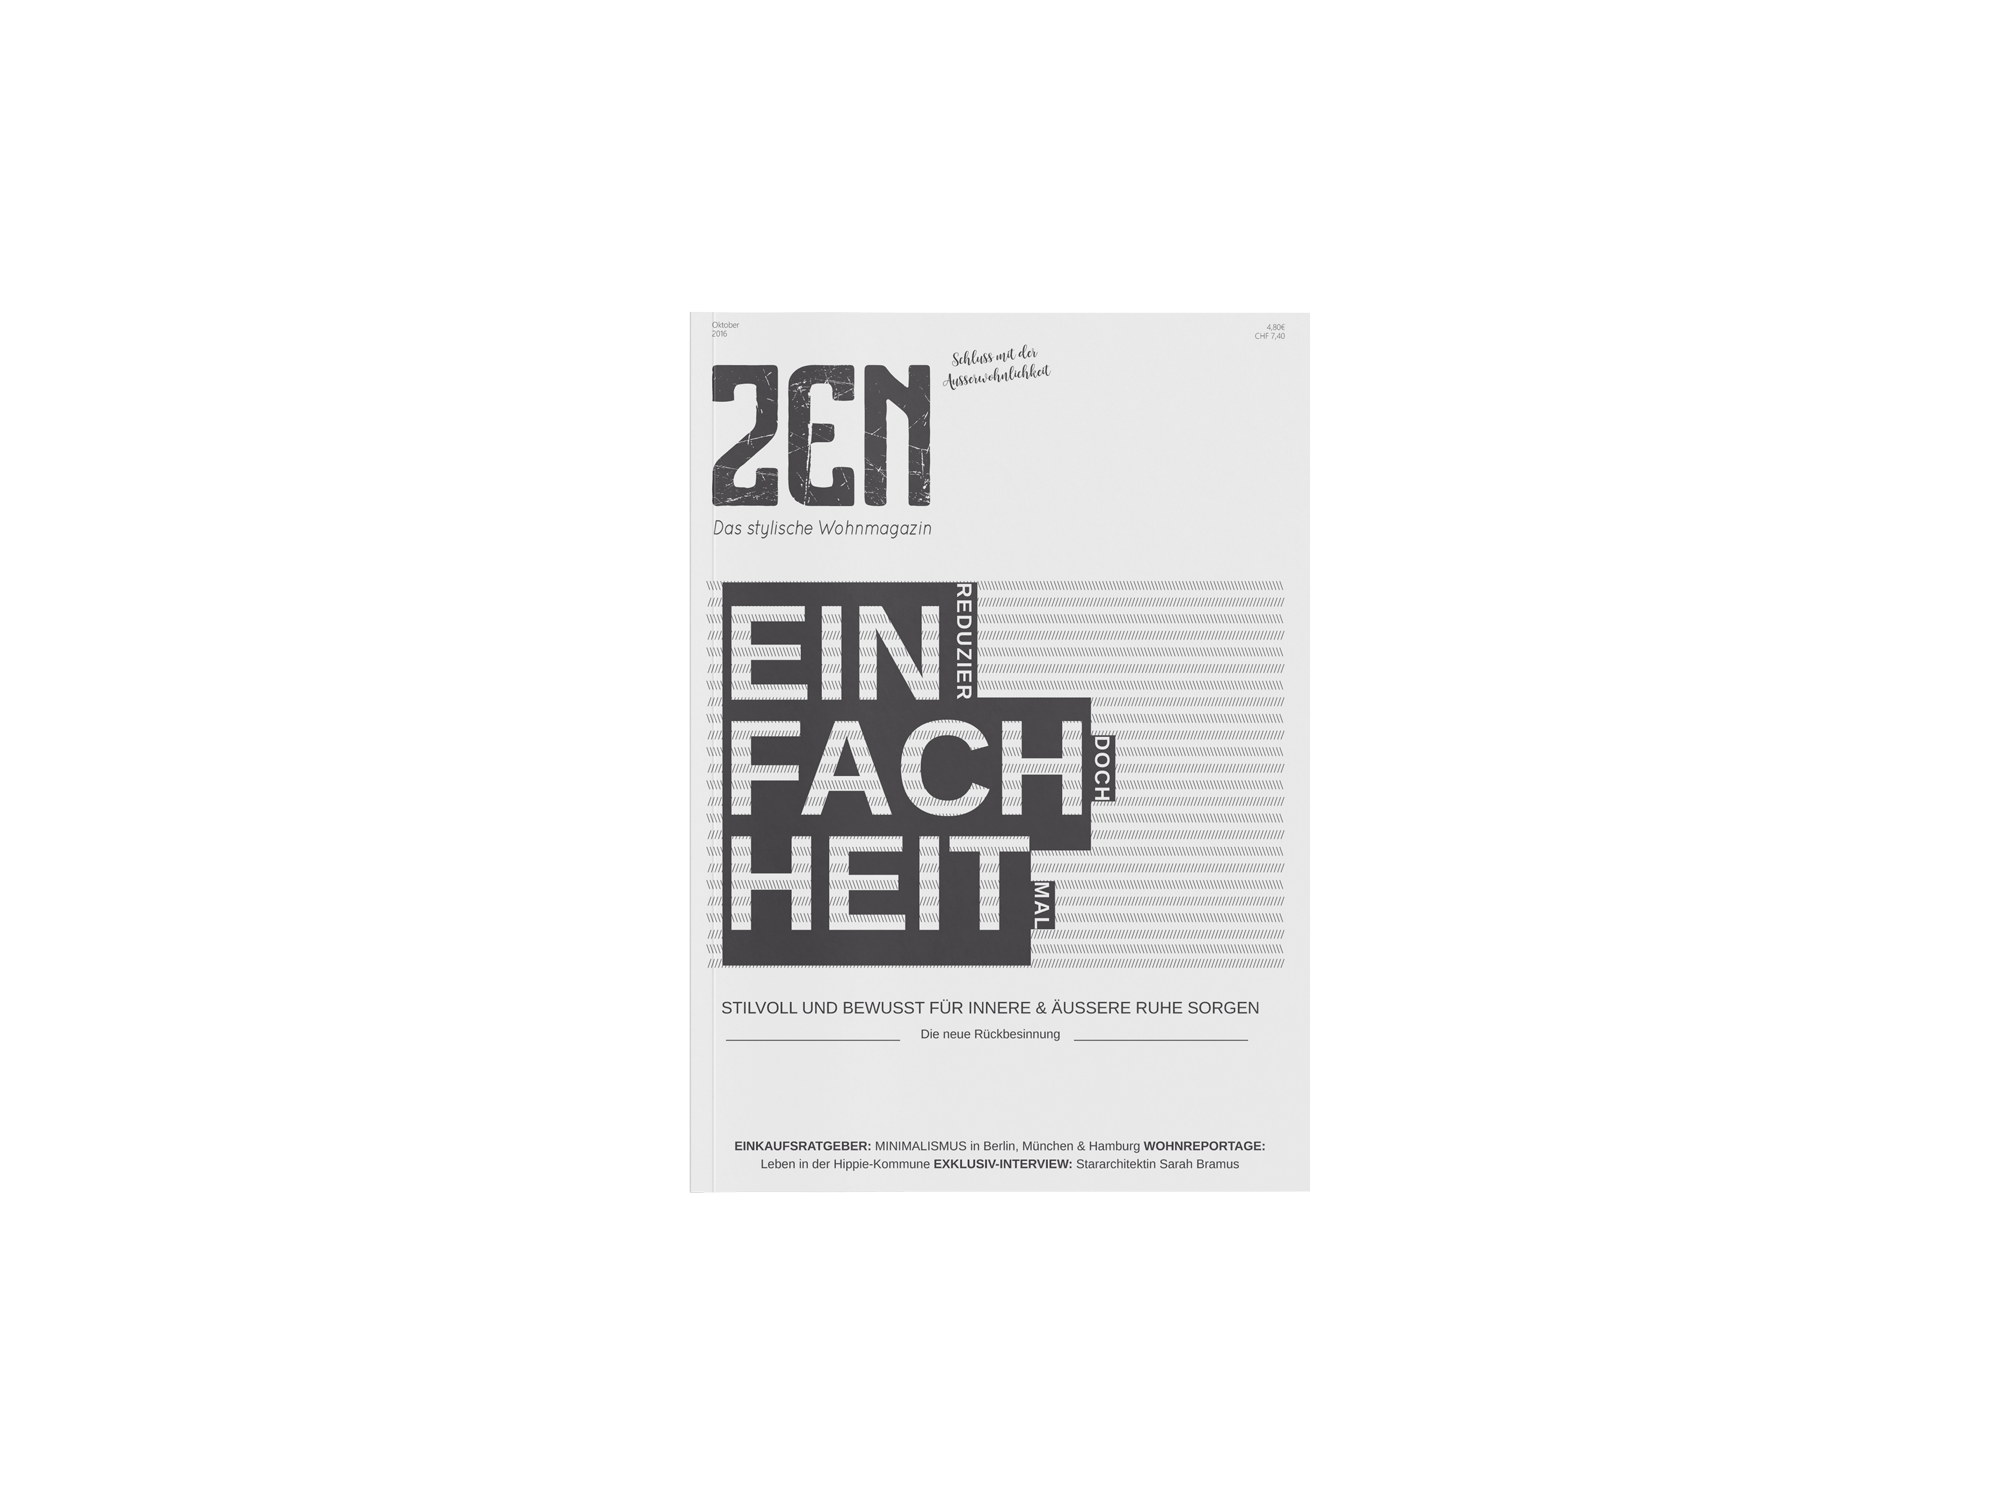 Editorialdesign, Magazin-Cover, freie Arbeit aus dem Studium